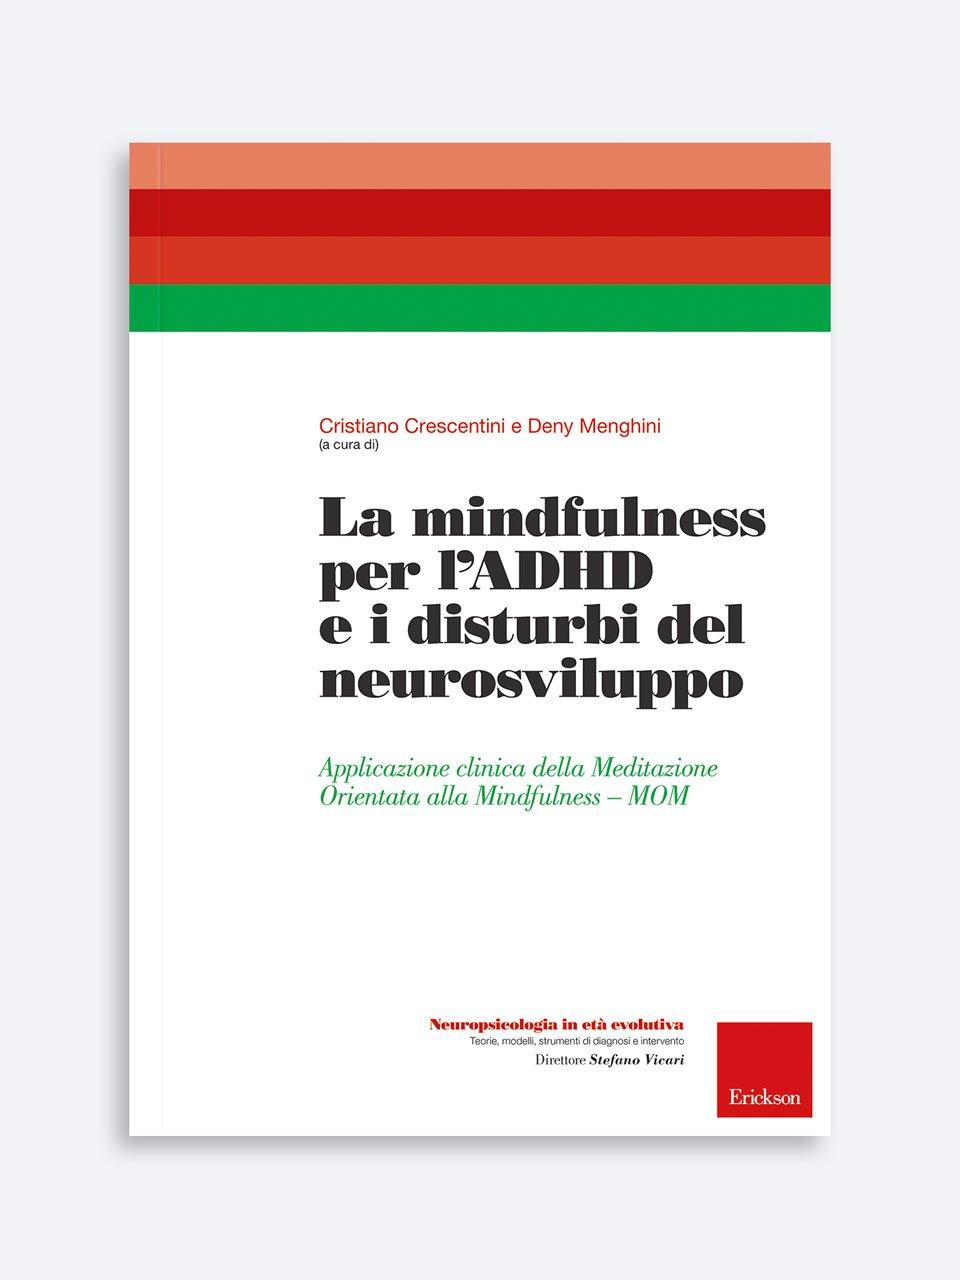 La mindfulness per l'ADHD e i disturbi del neurosviluppo - Allenare la concentrazione - Volume 2 - Libri - App e software - Erickson